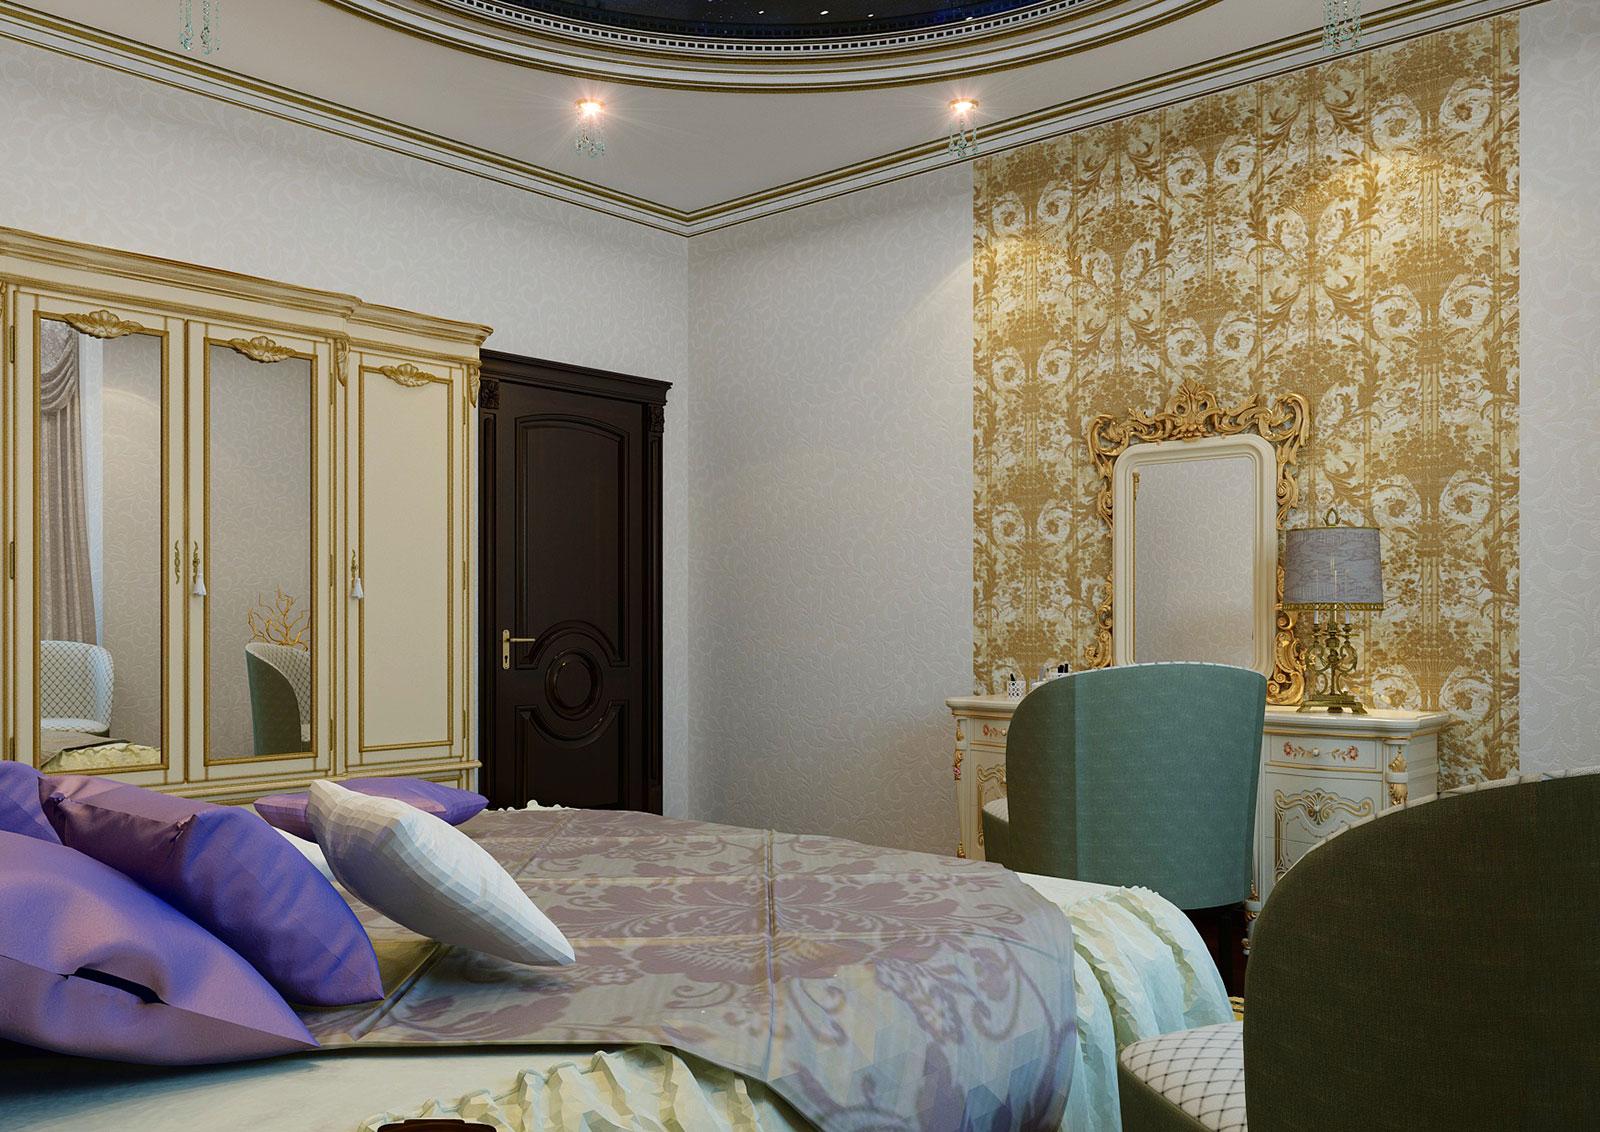 Золотые узоры и окантовки в интерьере гостиной